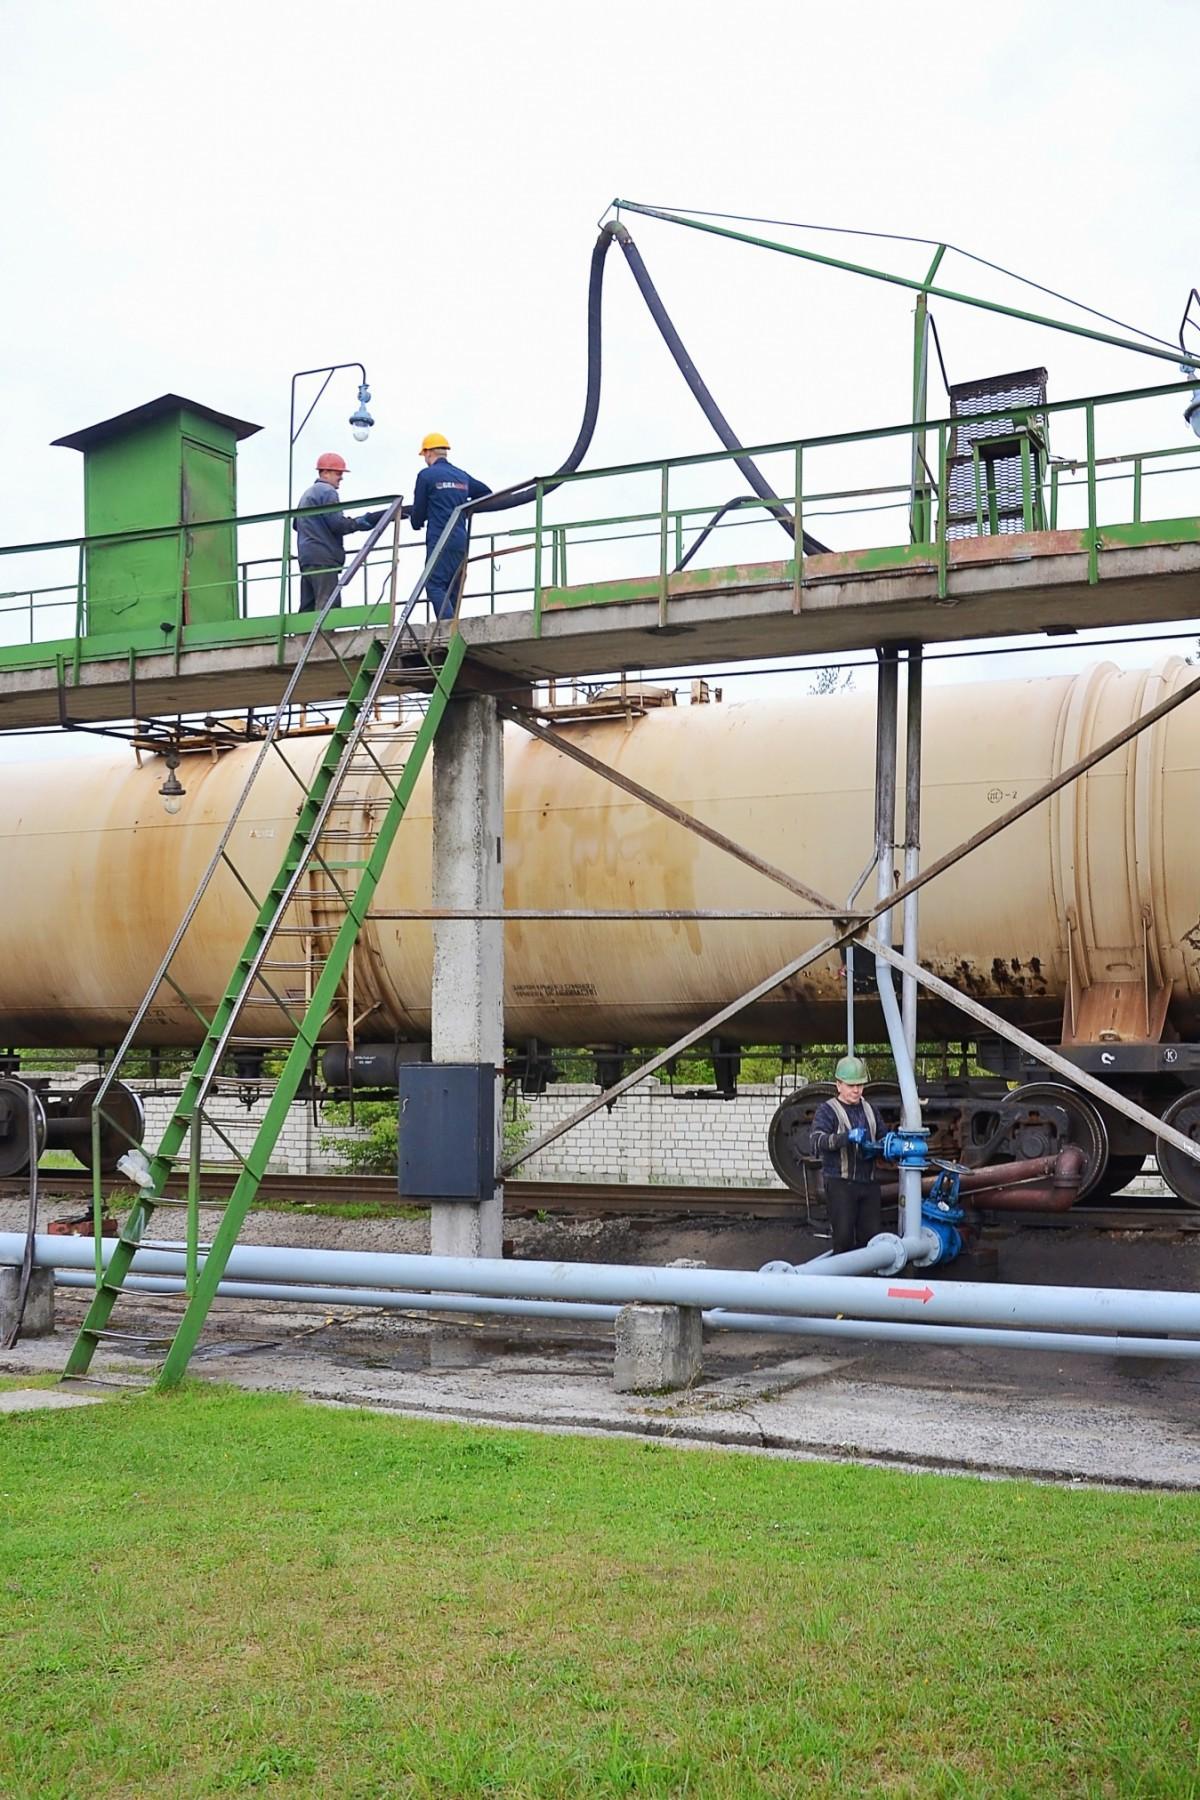 В рамках выполнения государственной программы развития производства дизельного биотоплива, семь лет назад в ОАО «Белшина» был освоен выпуск непрофильной для предприятия продукции – биодизельного топлива, которое представляет собой продукт смешения нефтяного дизельного топлива и метиловых эфиров жирных кислот, проще говоря, рапсового масла.